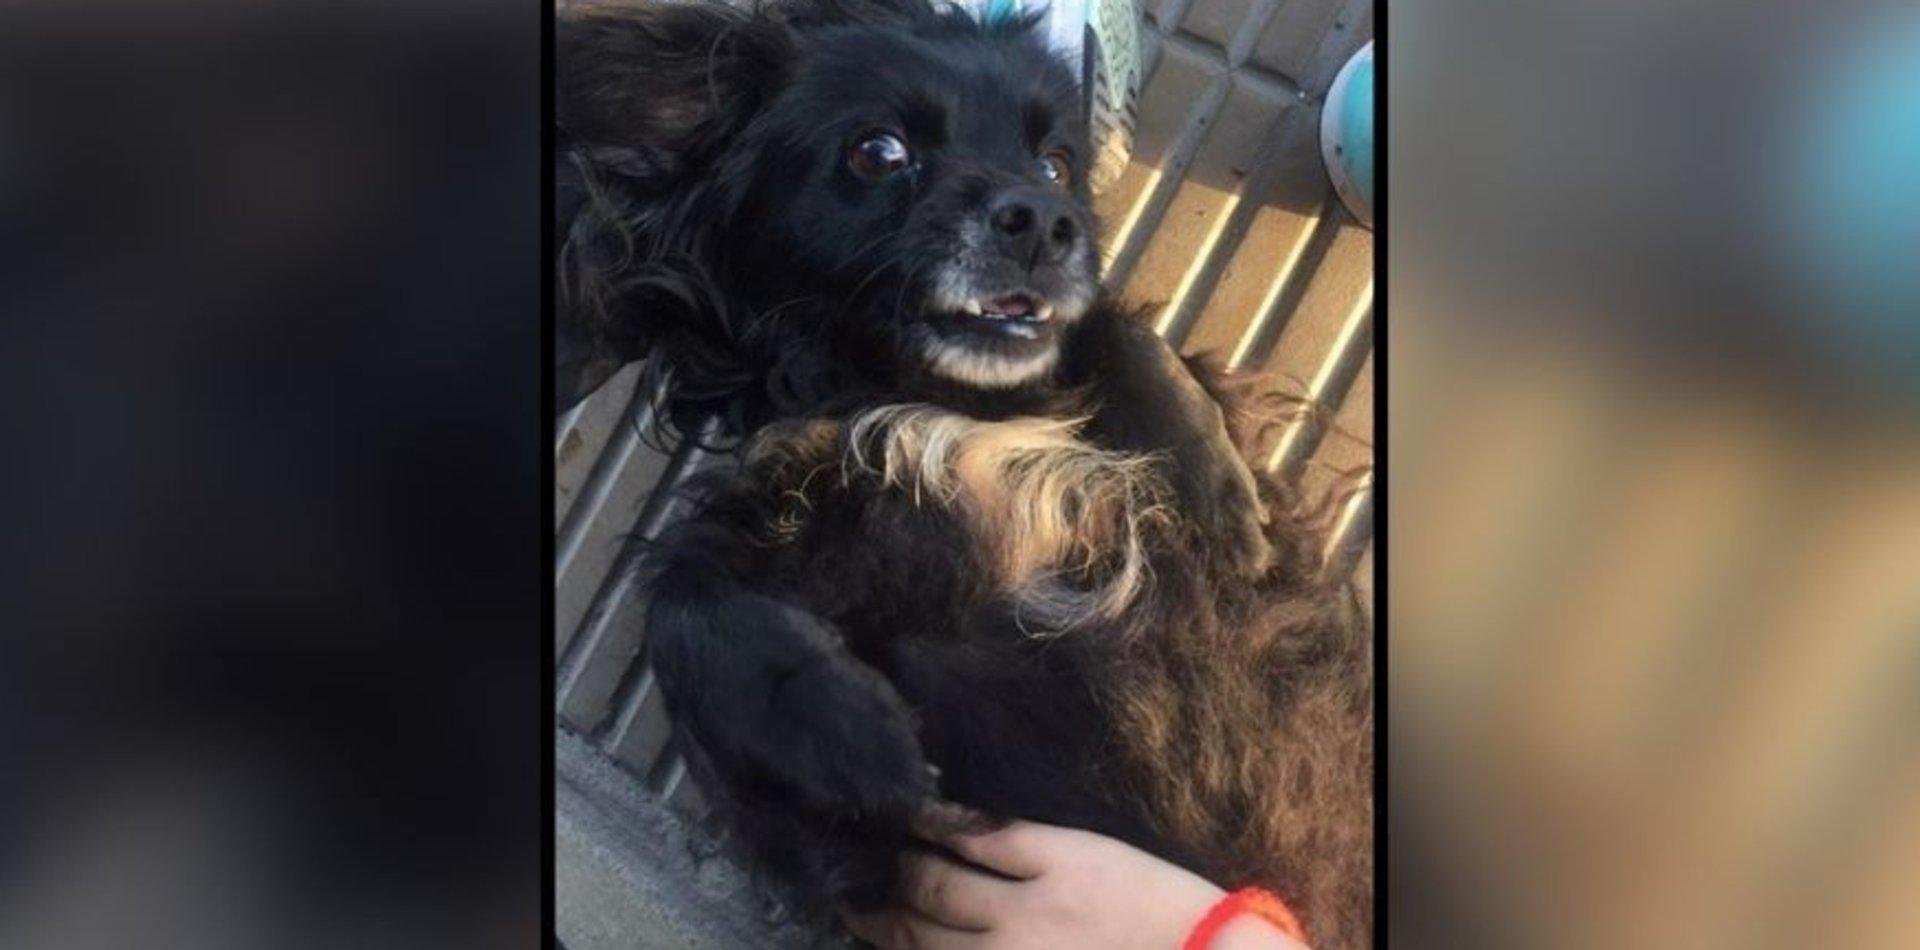 Su perro se perdió hace 11 días y ofrece 400 dólares de recompensa para recuperarlo